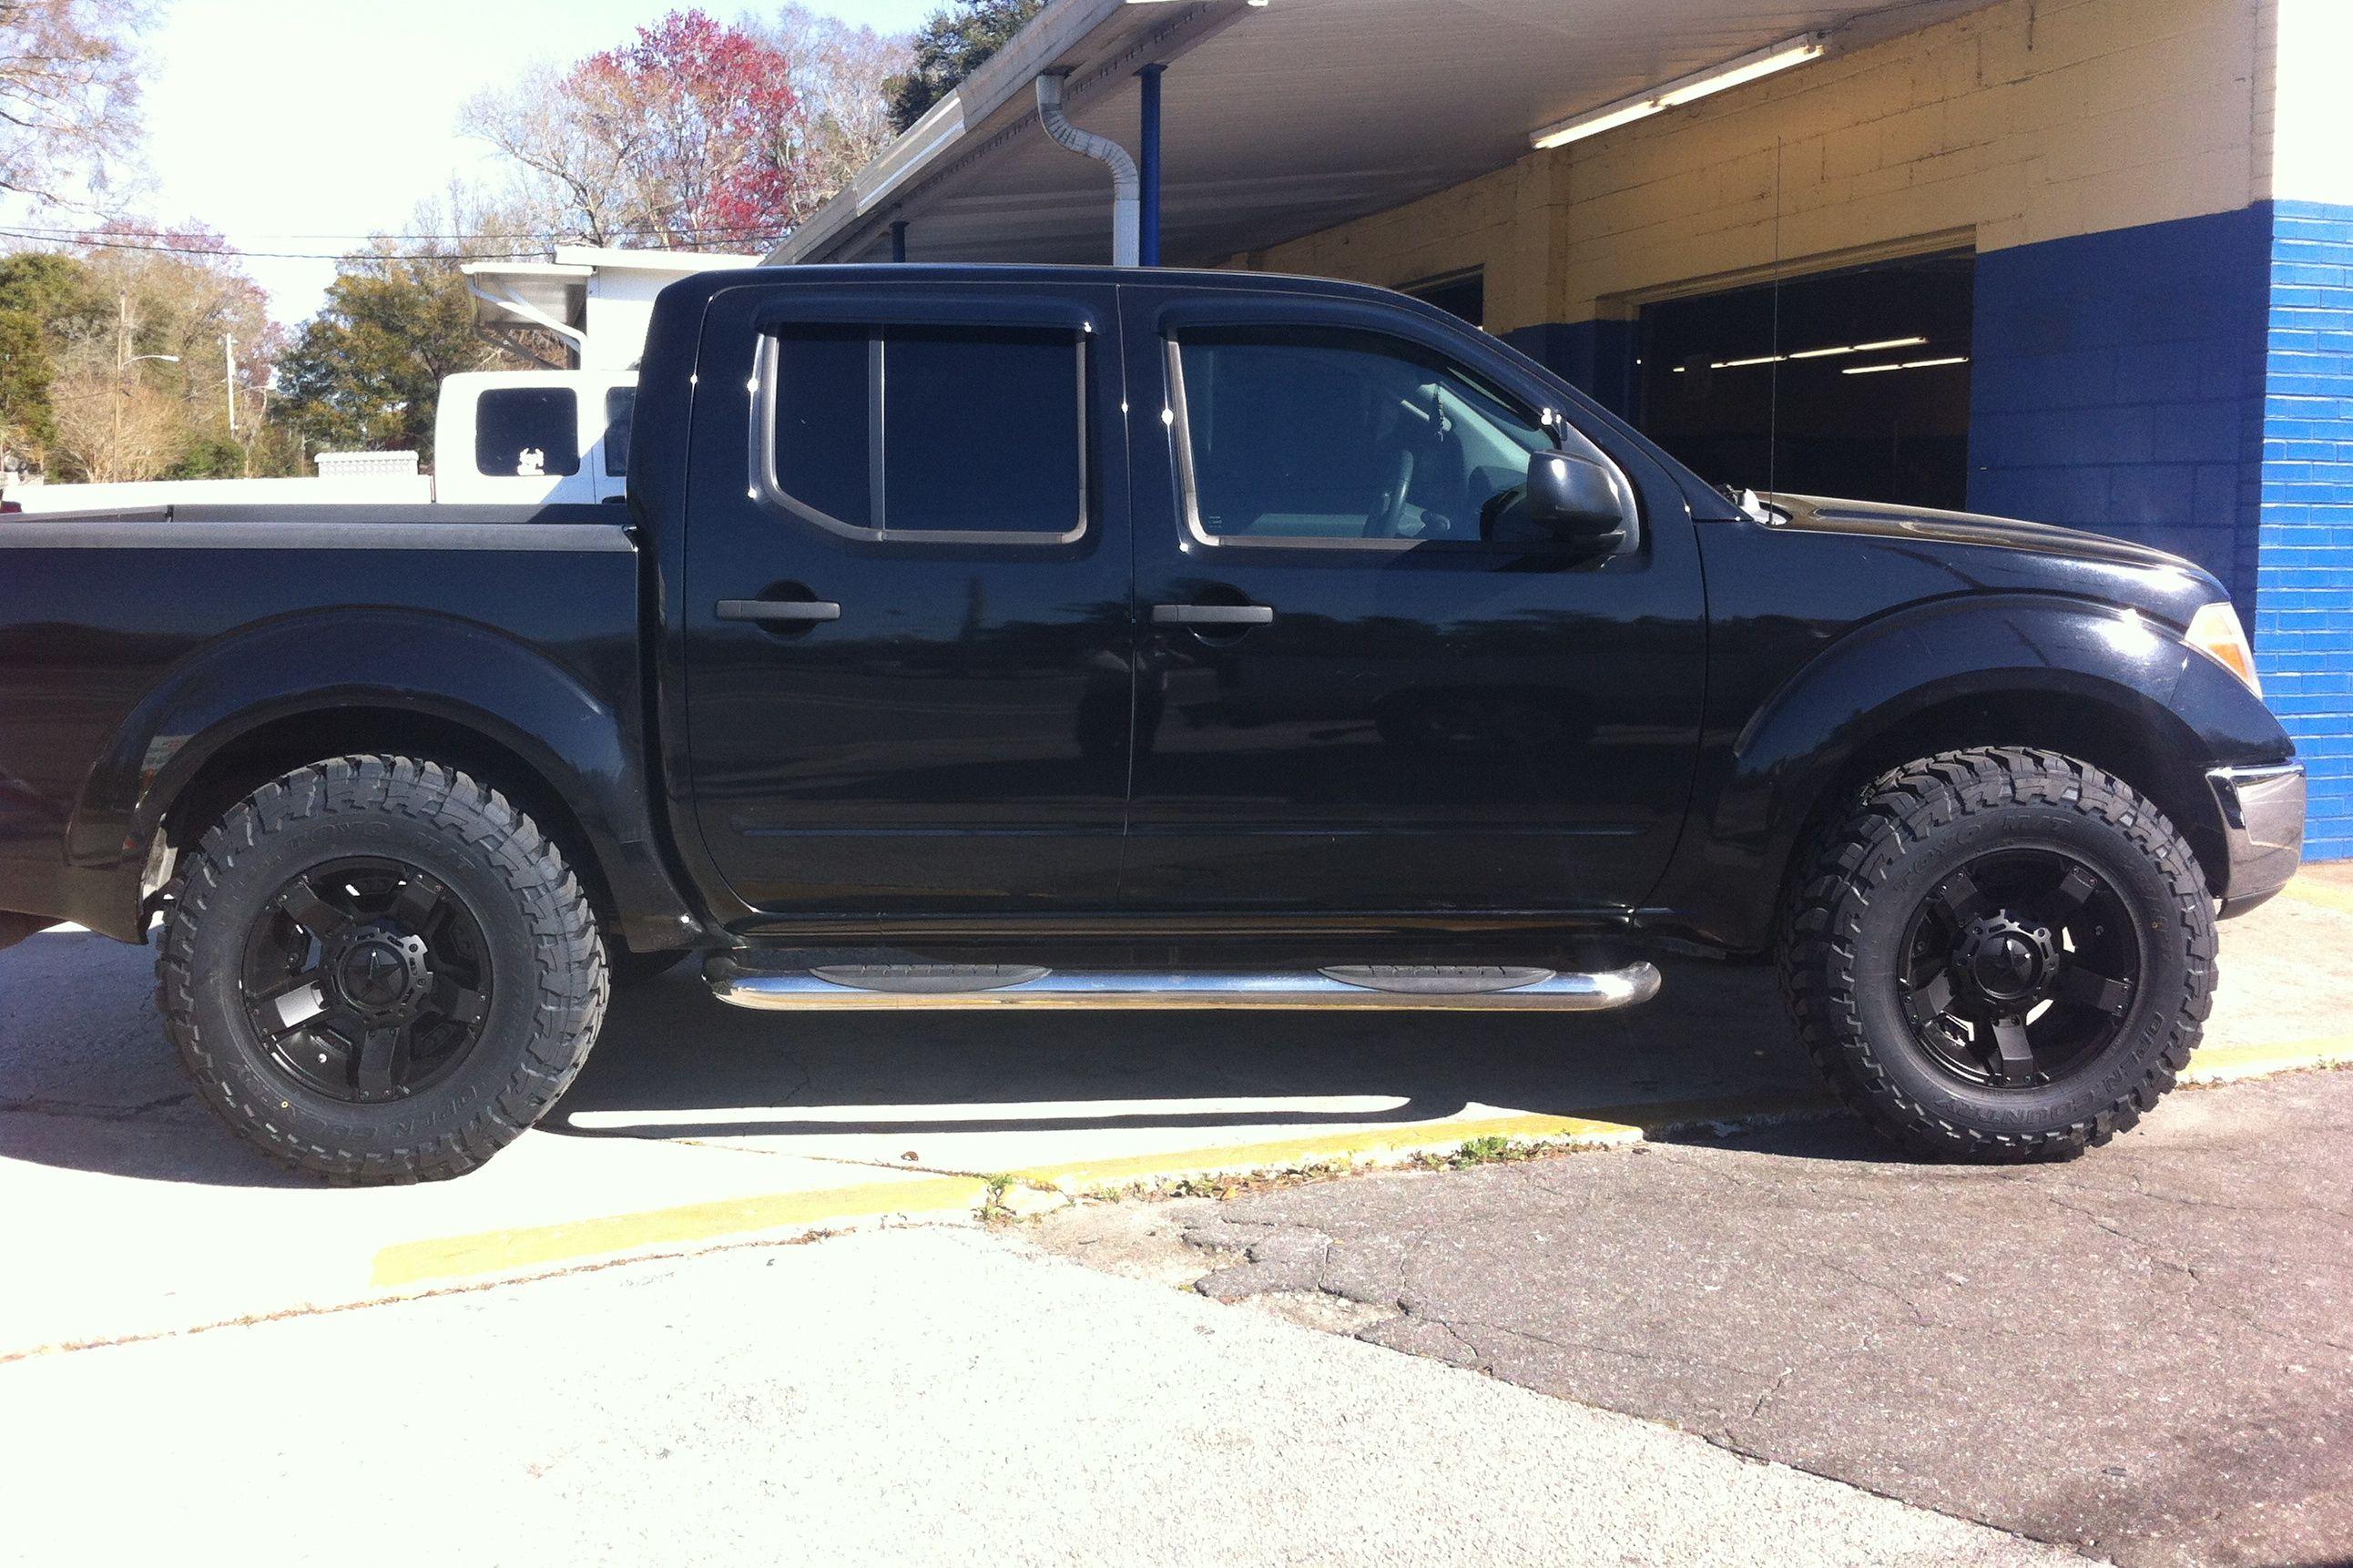 2011 33 17 Toyo Mud Terrain Nissan Truck Wheels Leveling Kit Black Xd Frontier Rockstar 2 Wo 2007755 Cropped Jpg 2584 1722 Nissan Trucks Nissan Nissan Navara